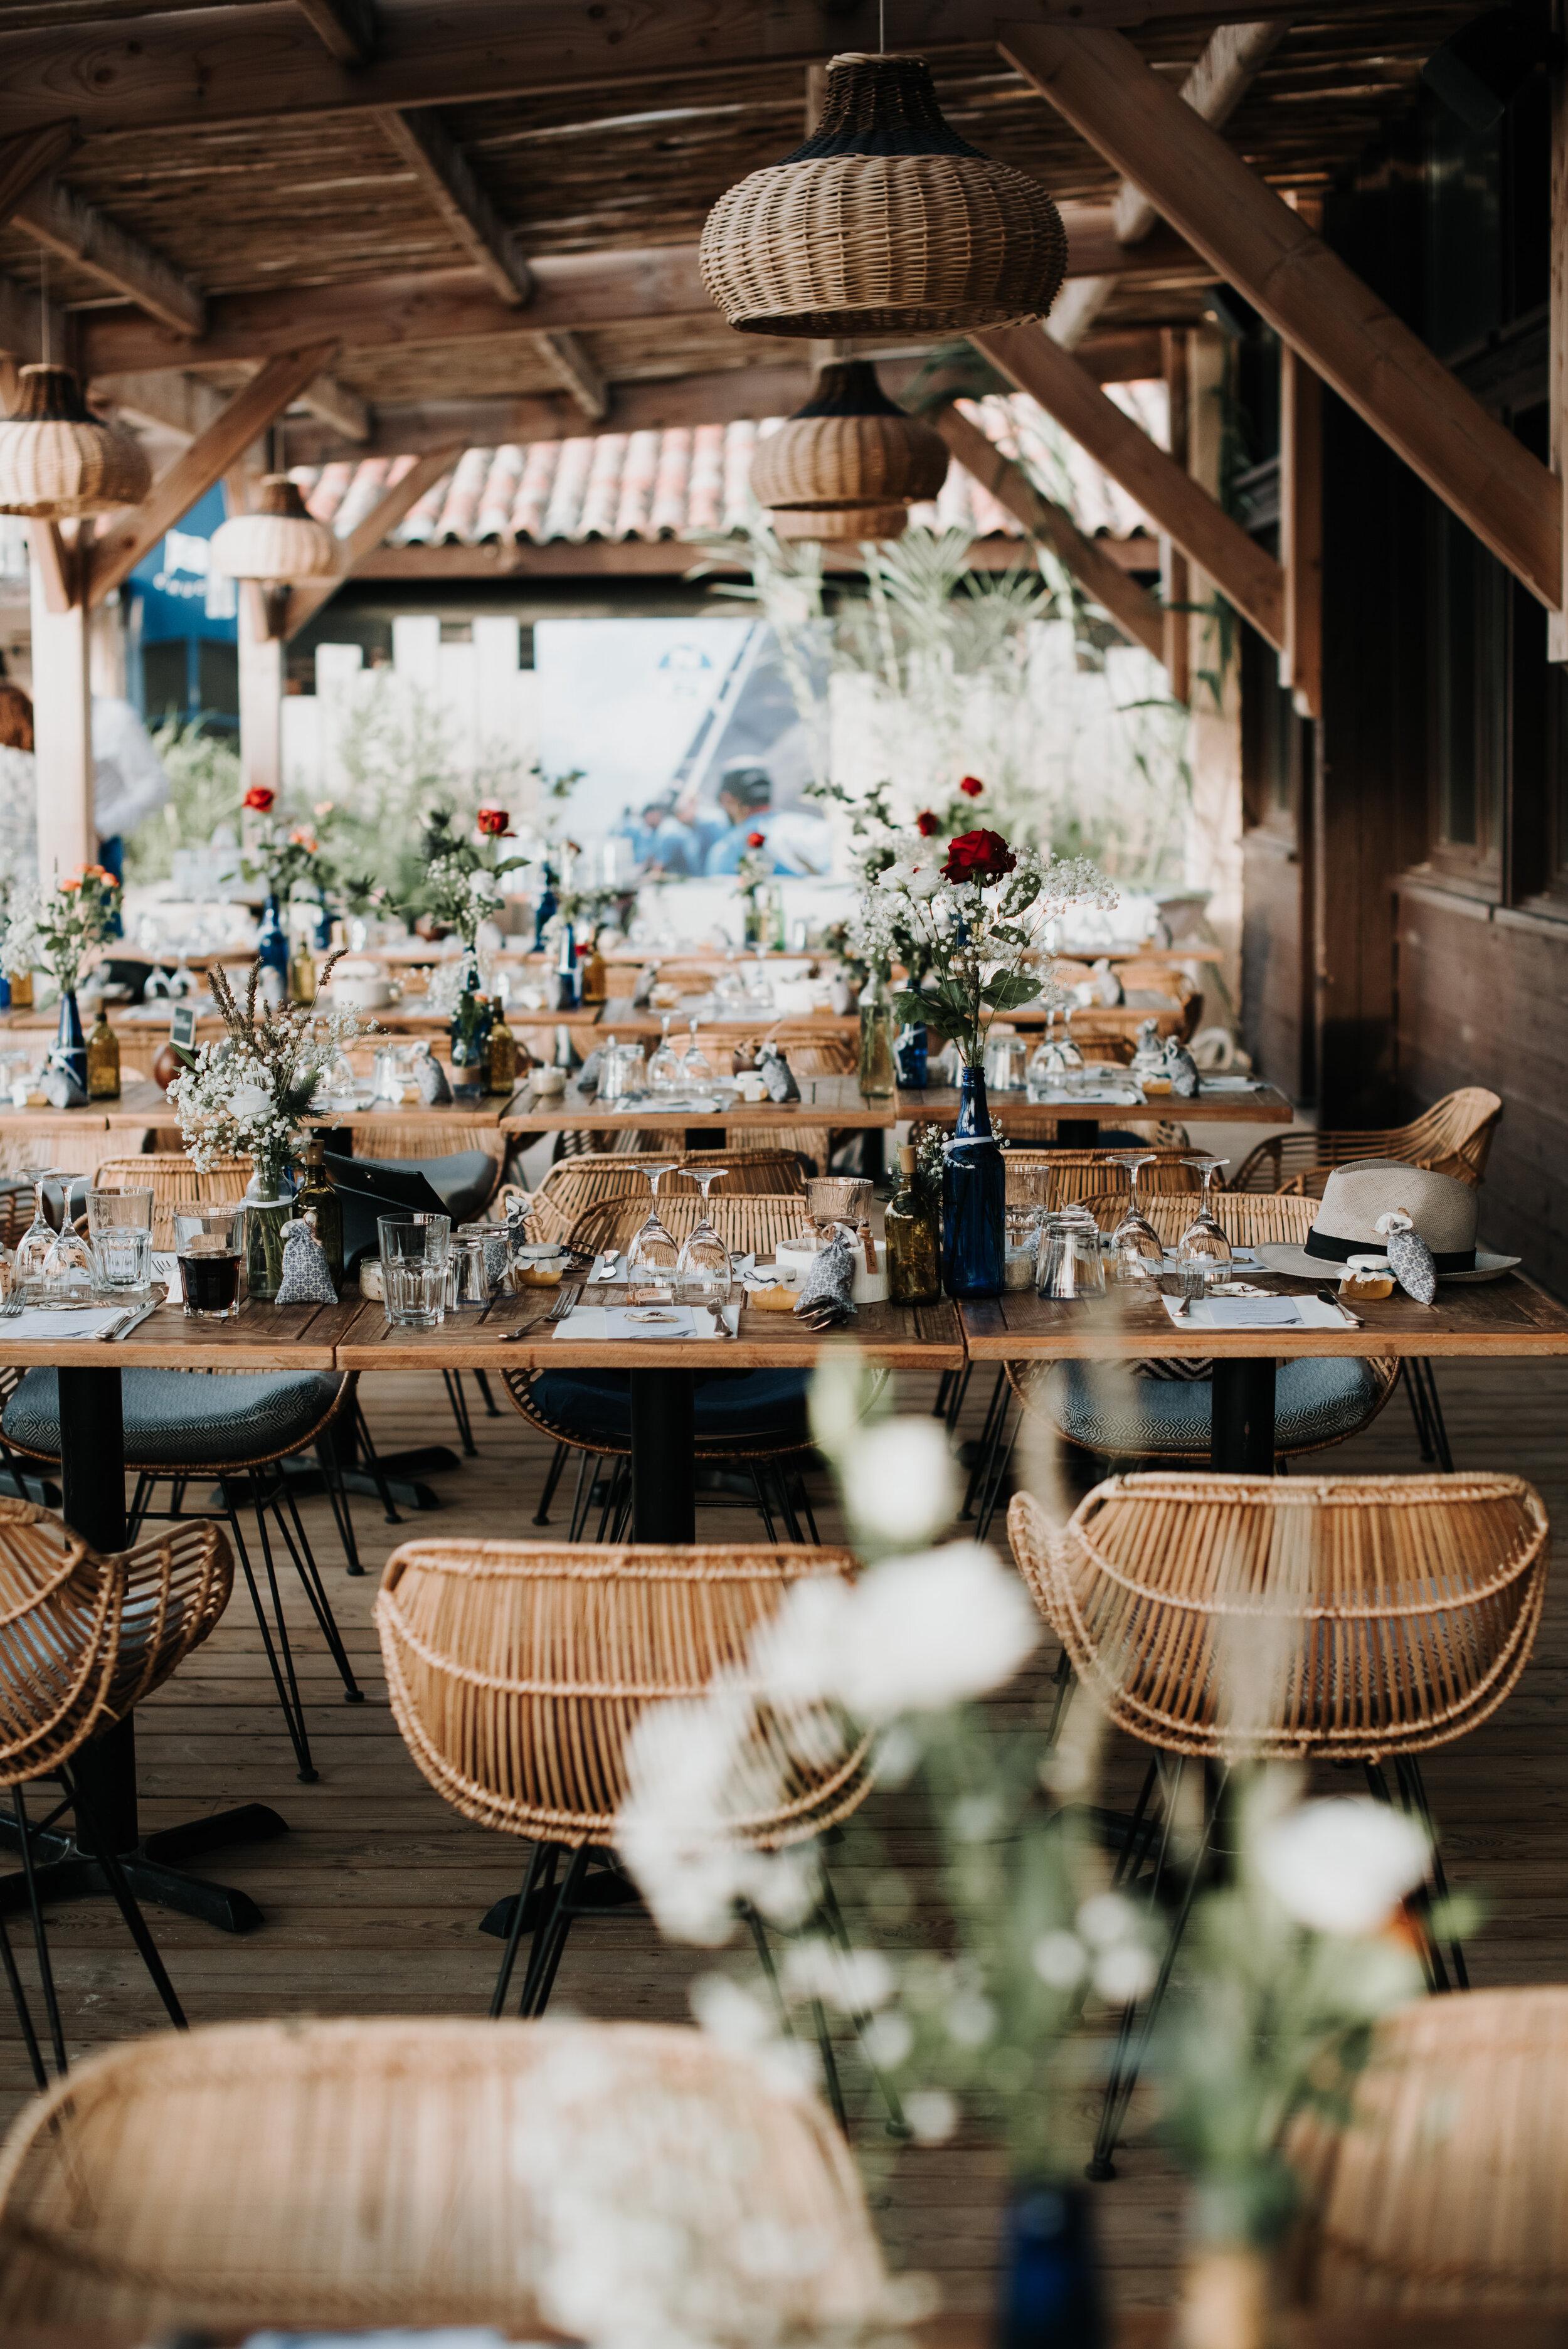 Léa-Fery-photographe-professionnel-Bretagne-portrait-creation-mariage-evenement-evenementiel-famille-3879.jpg